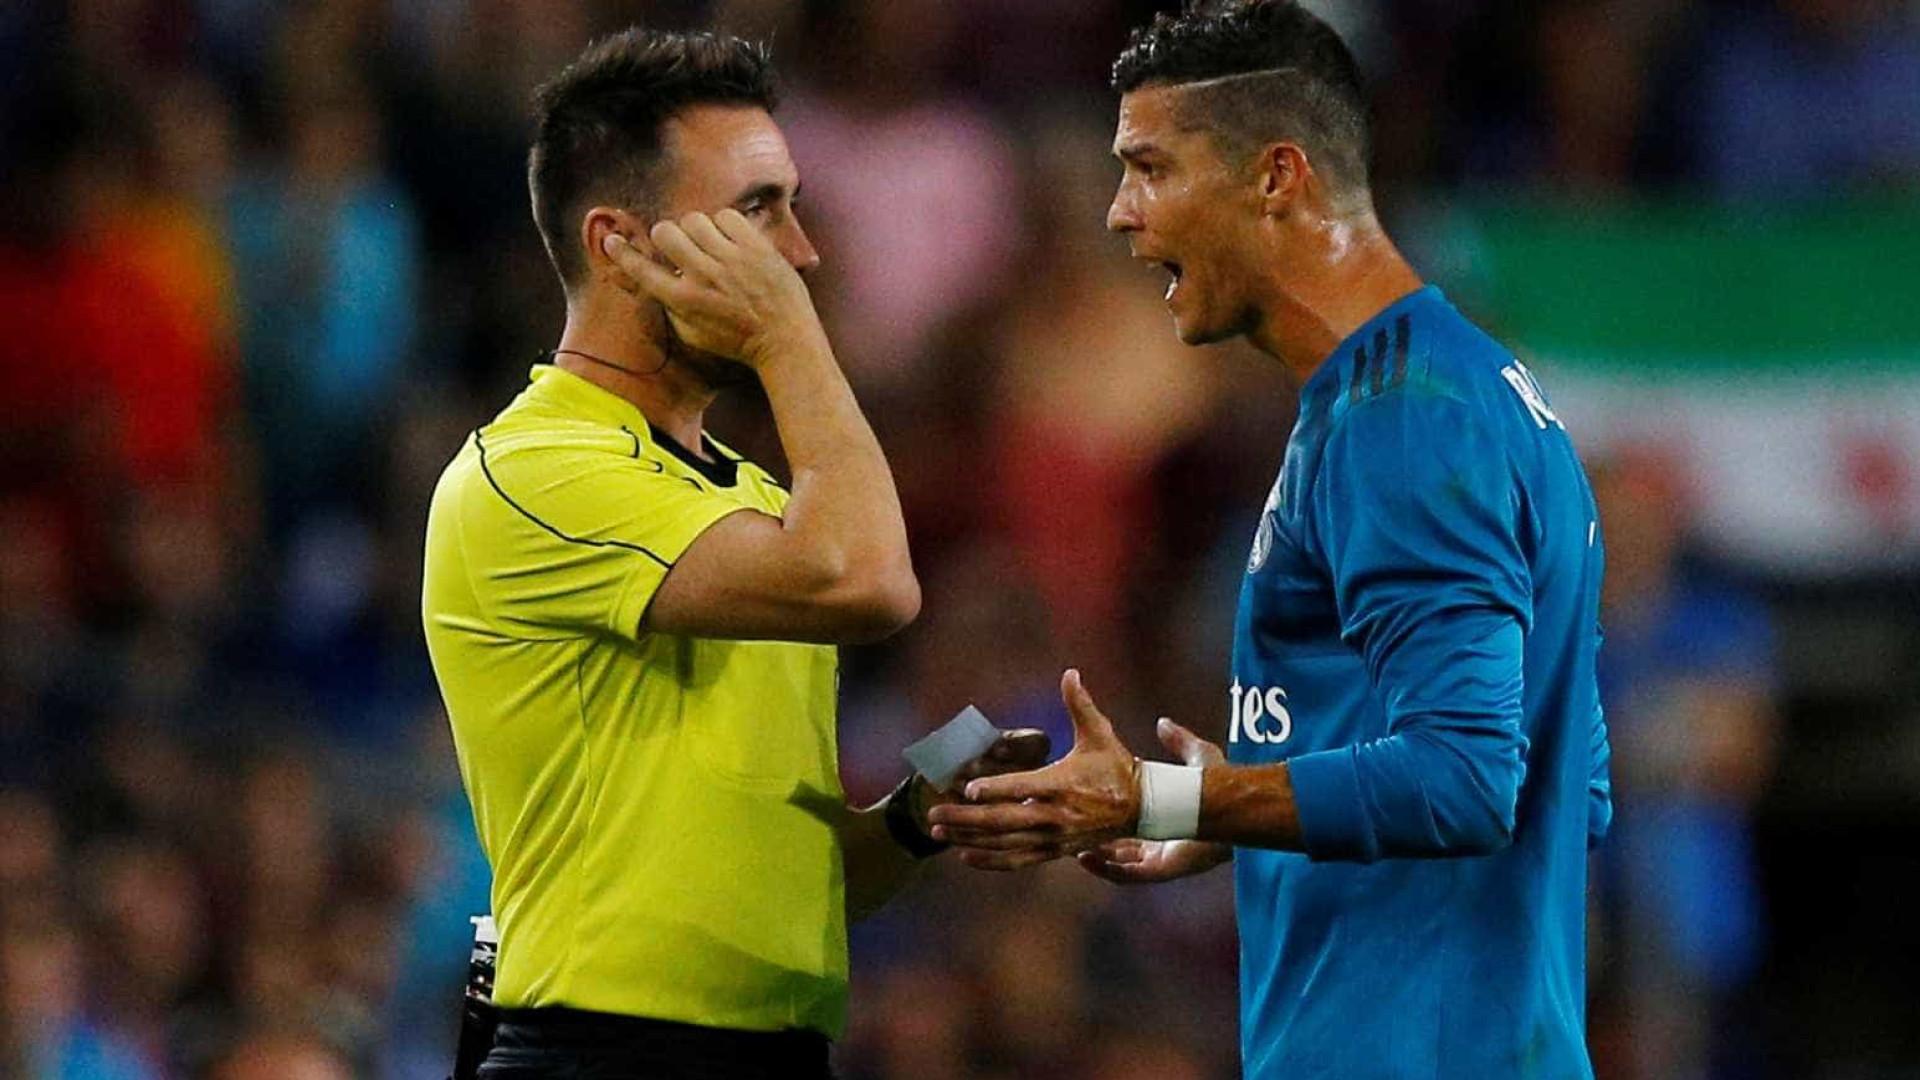 Cristiano Ronaldo detona suspensão de cinco jogos: 'Isso é perseguição'